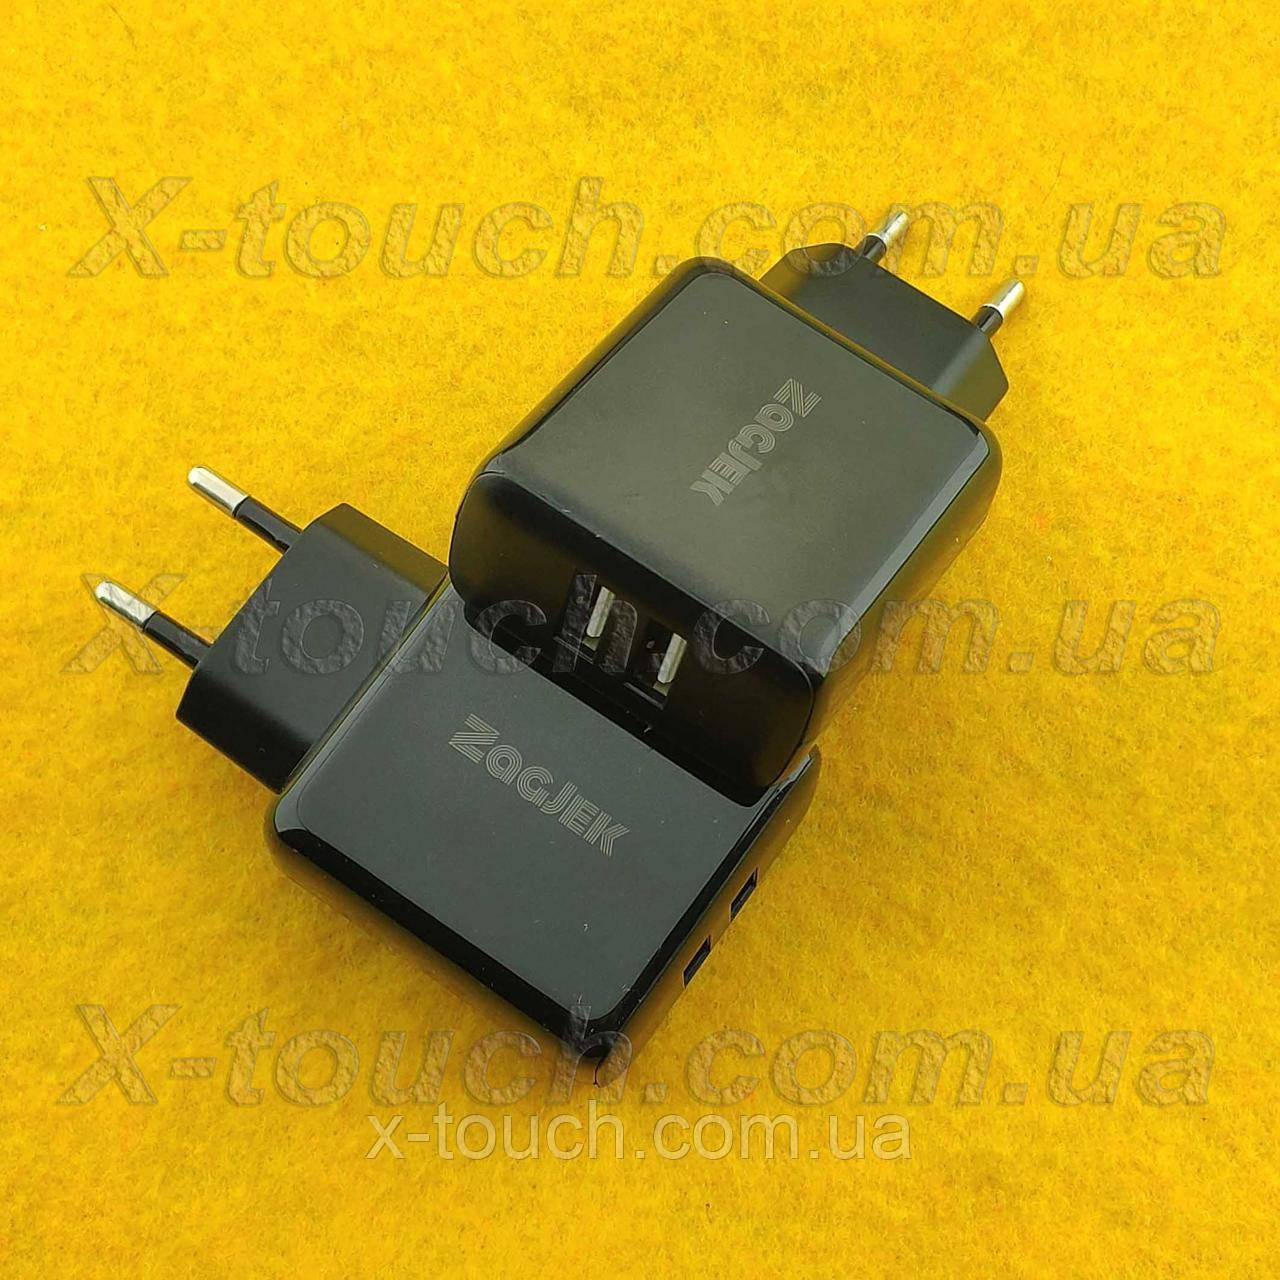 Блок питания, сетевая зарядка N11-ZJ для устройств, черный.